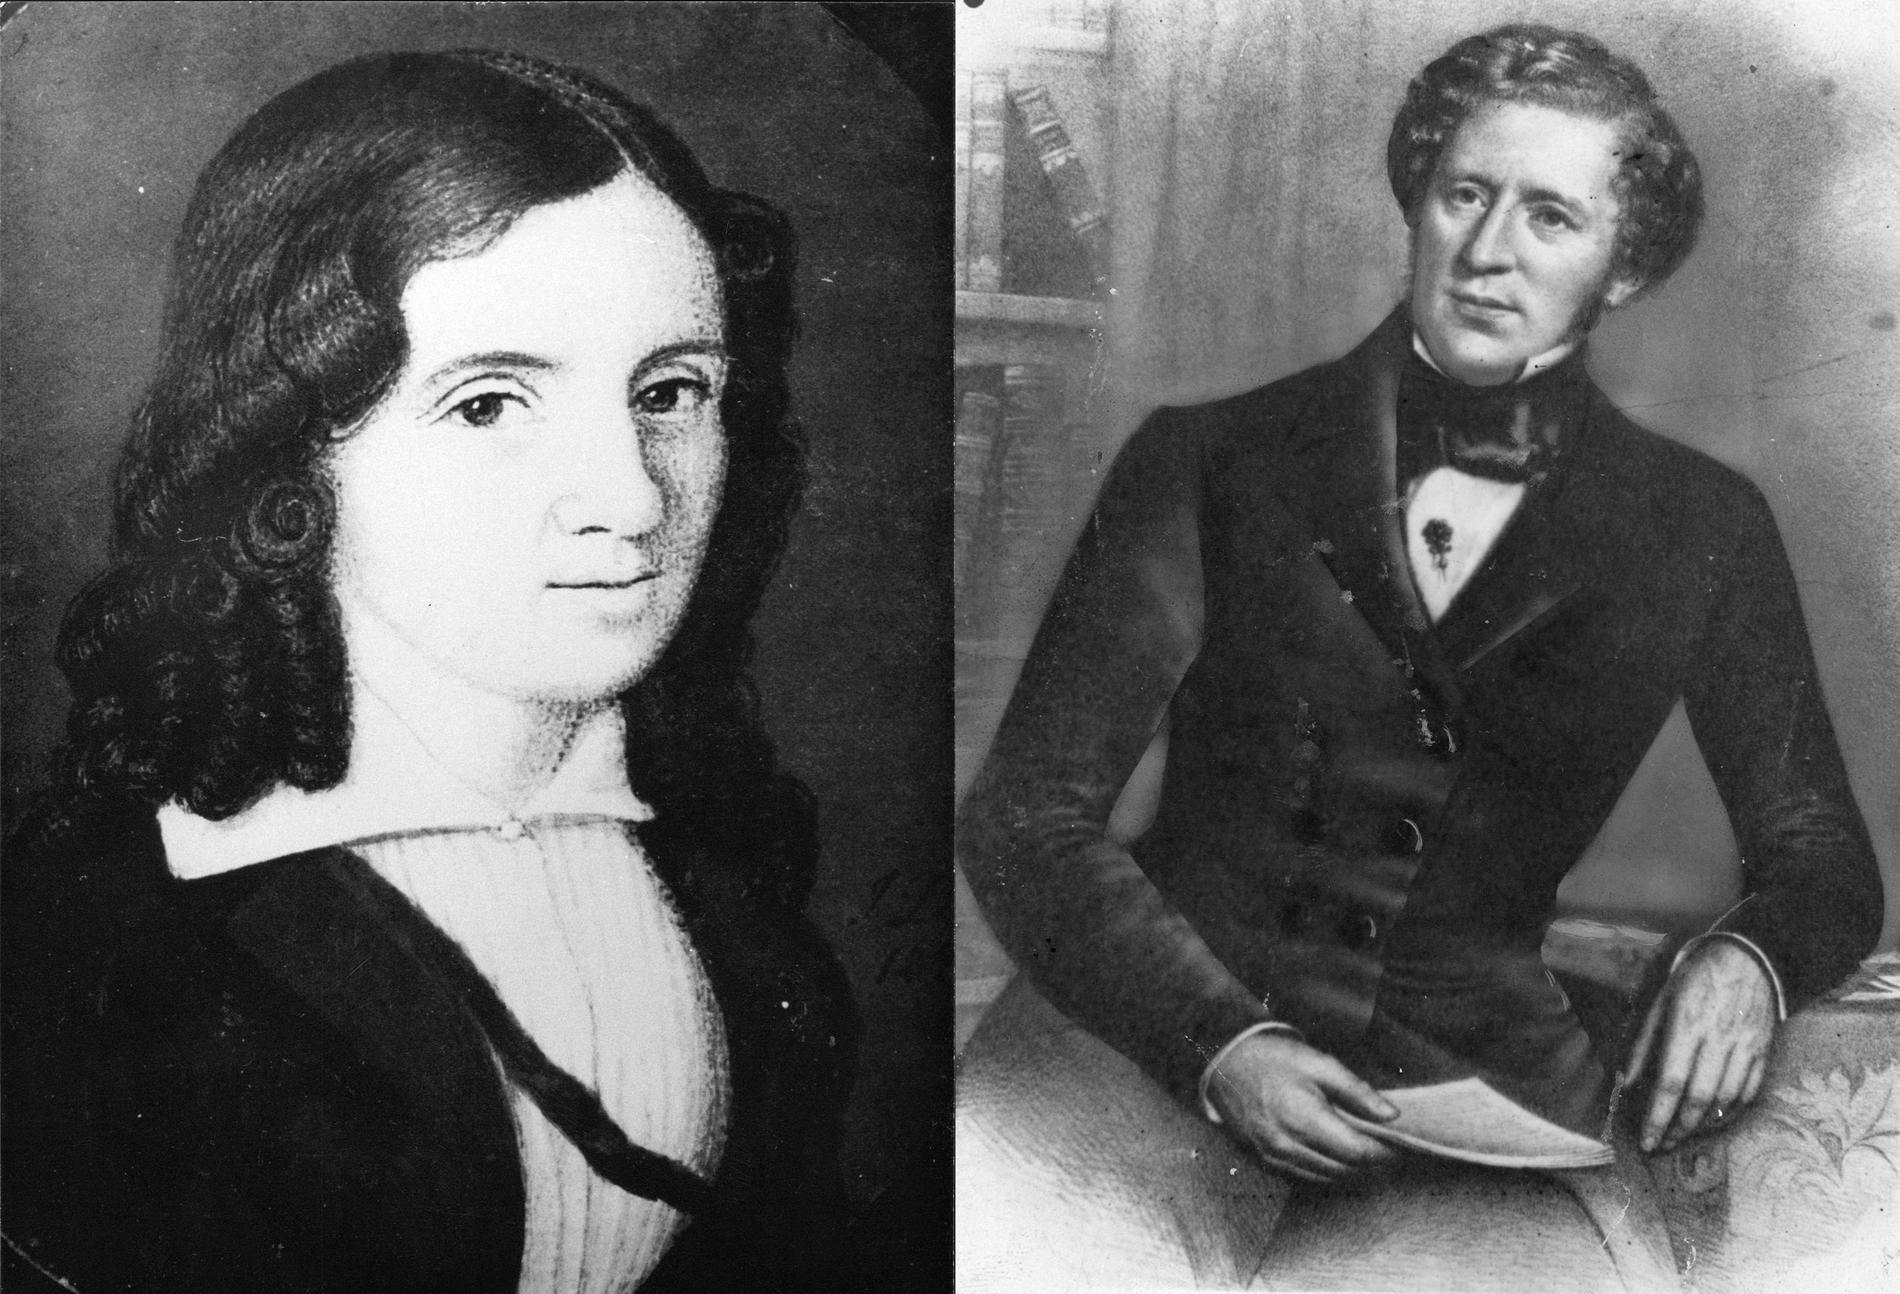 Wendela Hebbe och Lars Johan Hierta var båda gifta på var sitt håll, men hade ett nära och intimt förhållande.